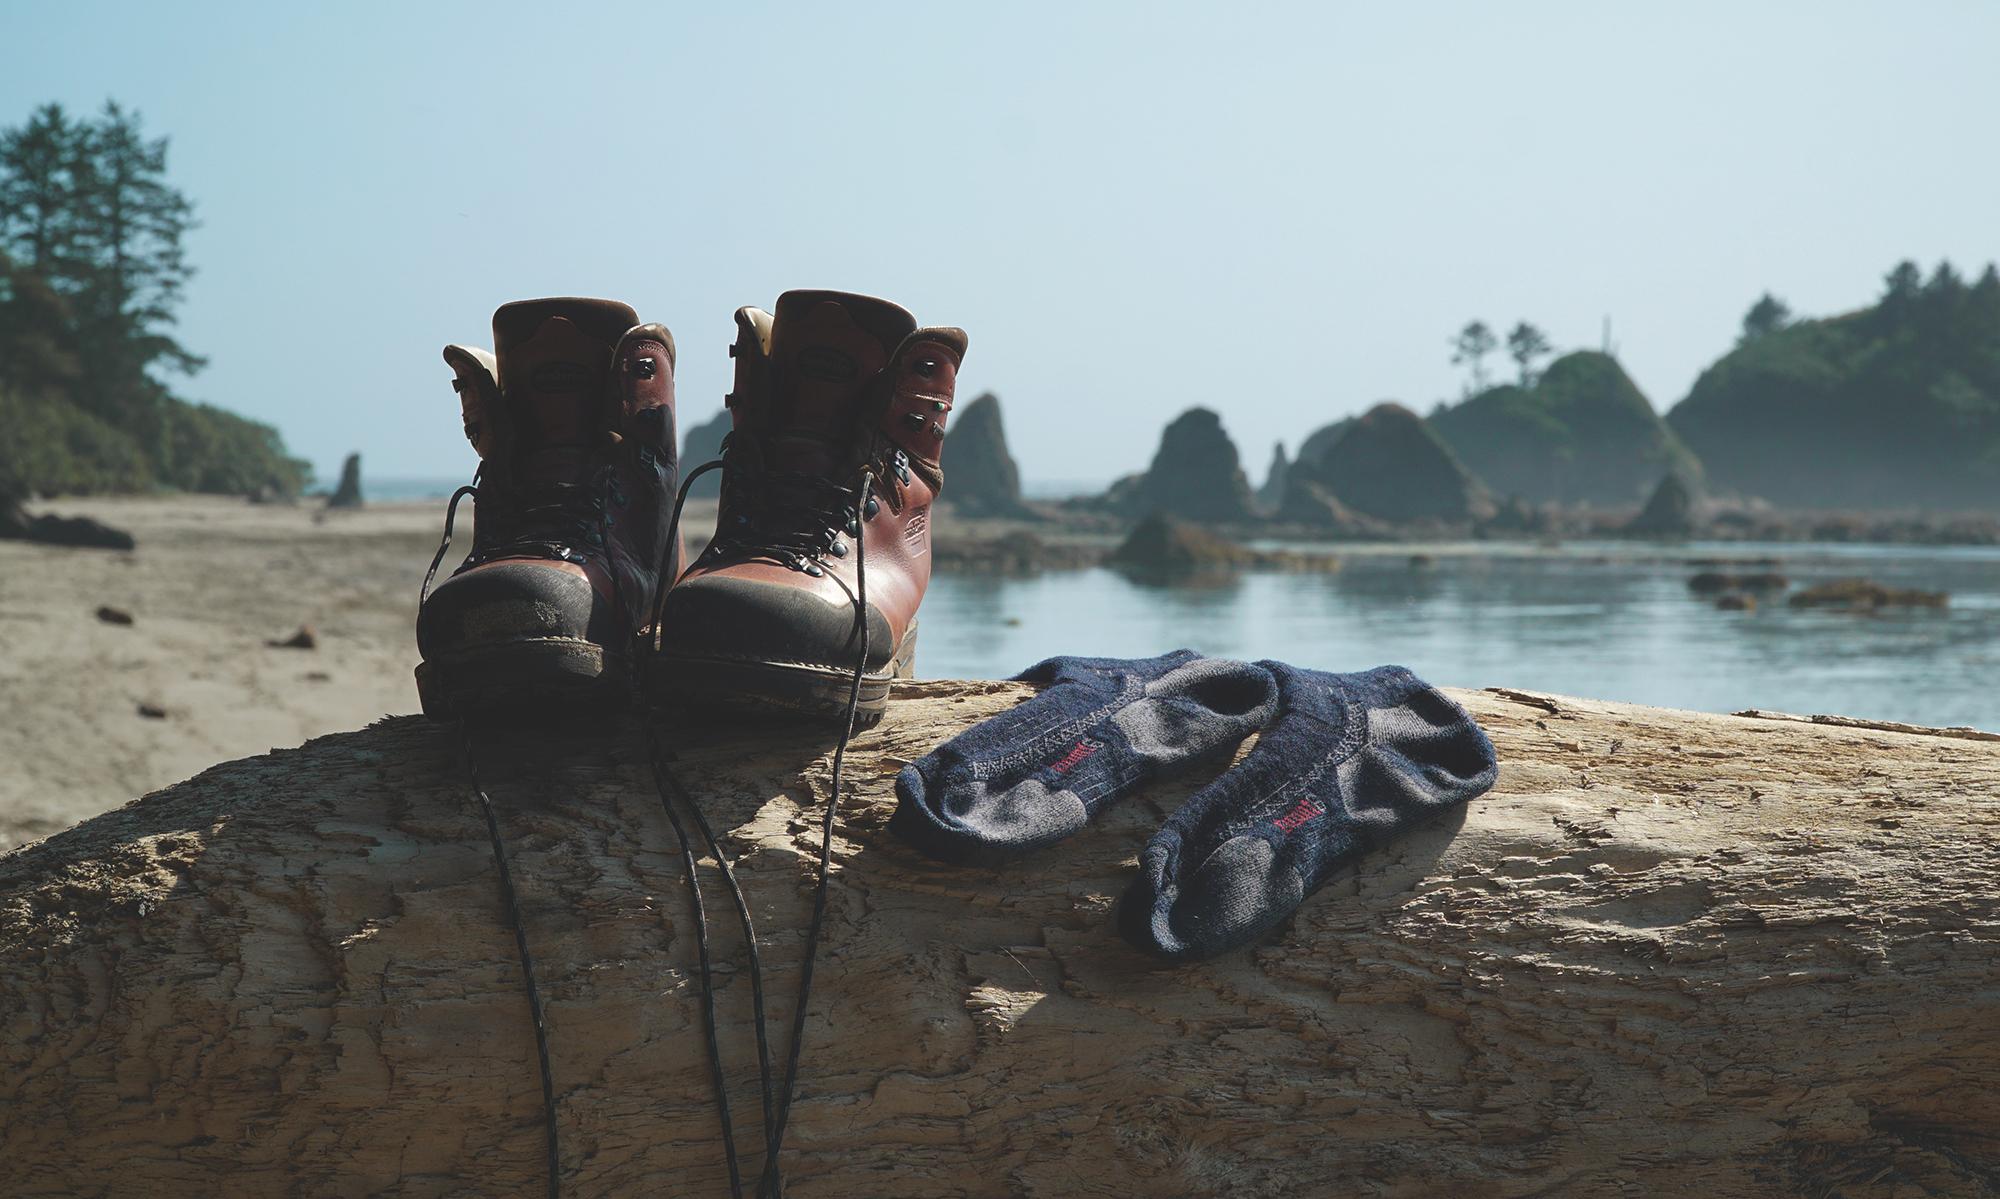 Gear Review Zamberlan 1025 Tofane NW GTX Hiking Boot